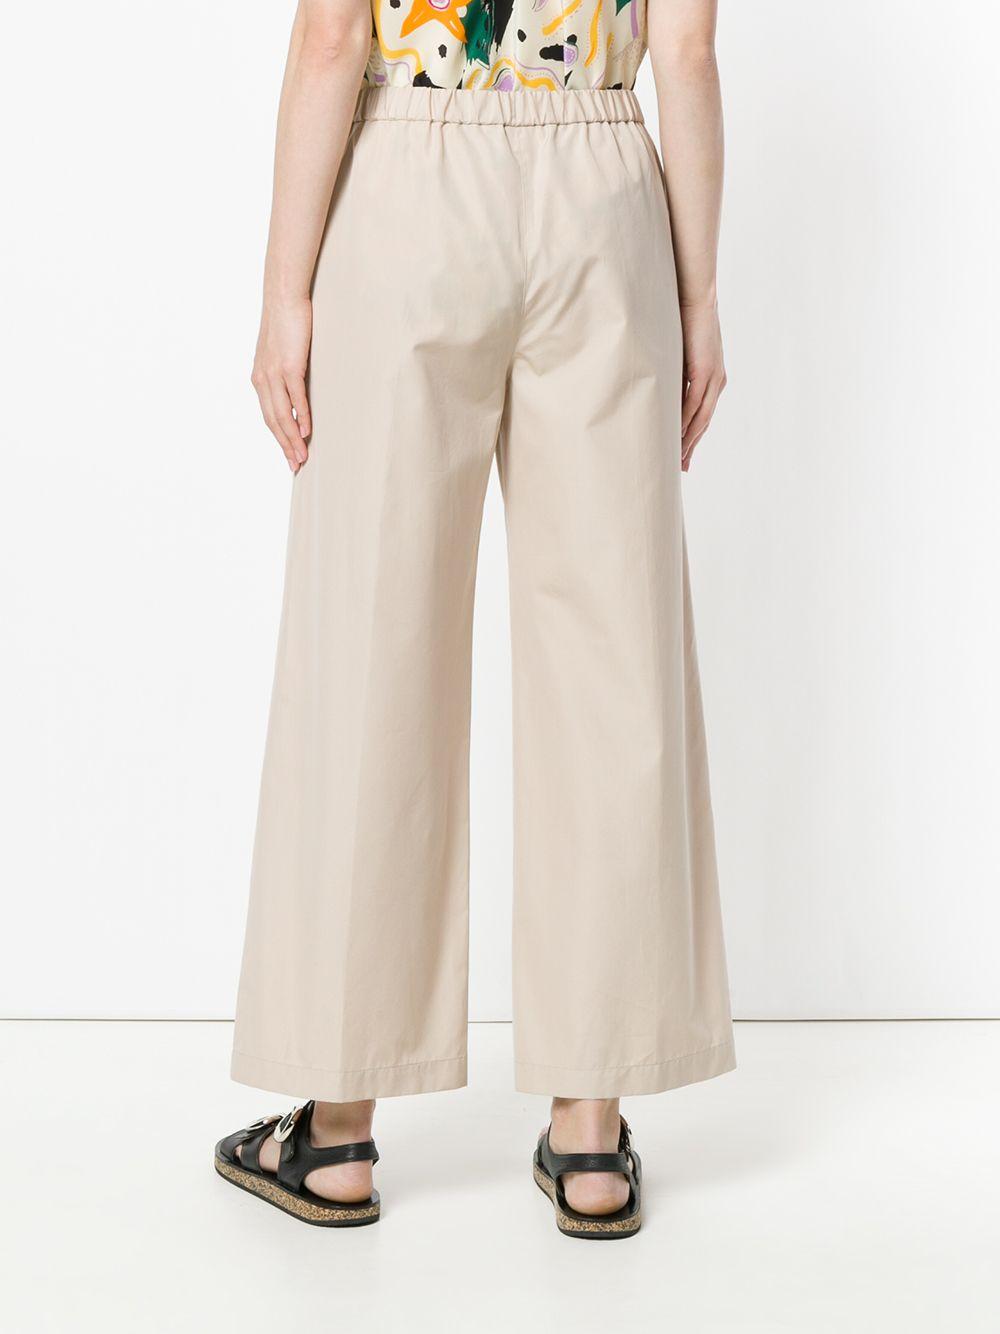 Beige cotton wide leg trousers featuring an elasticated waistband ASPESI |  | H128-D30785186